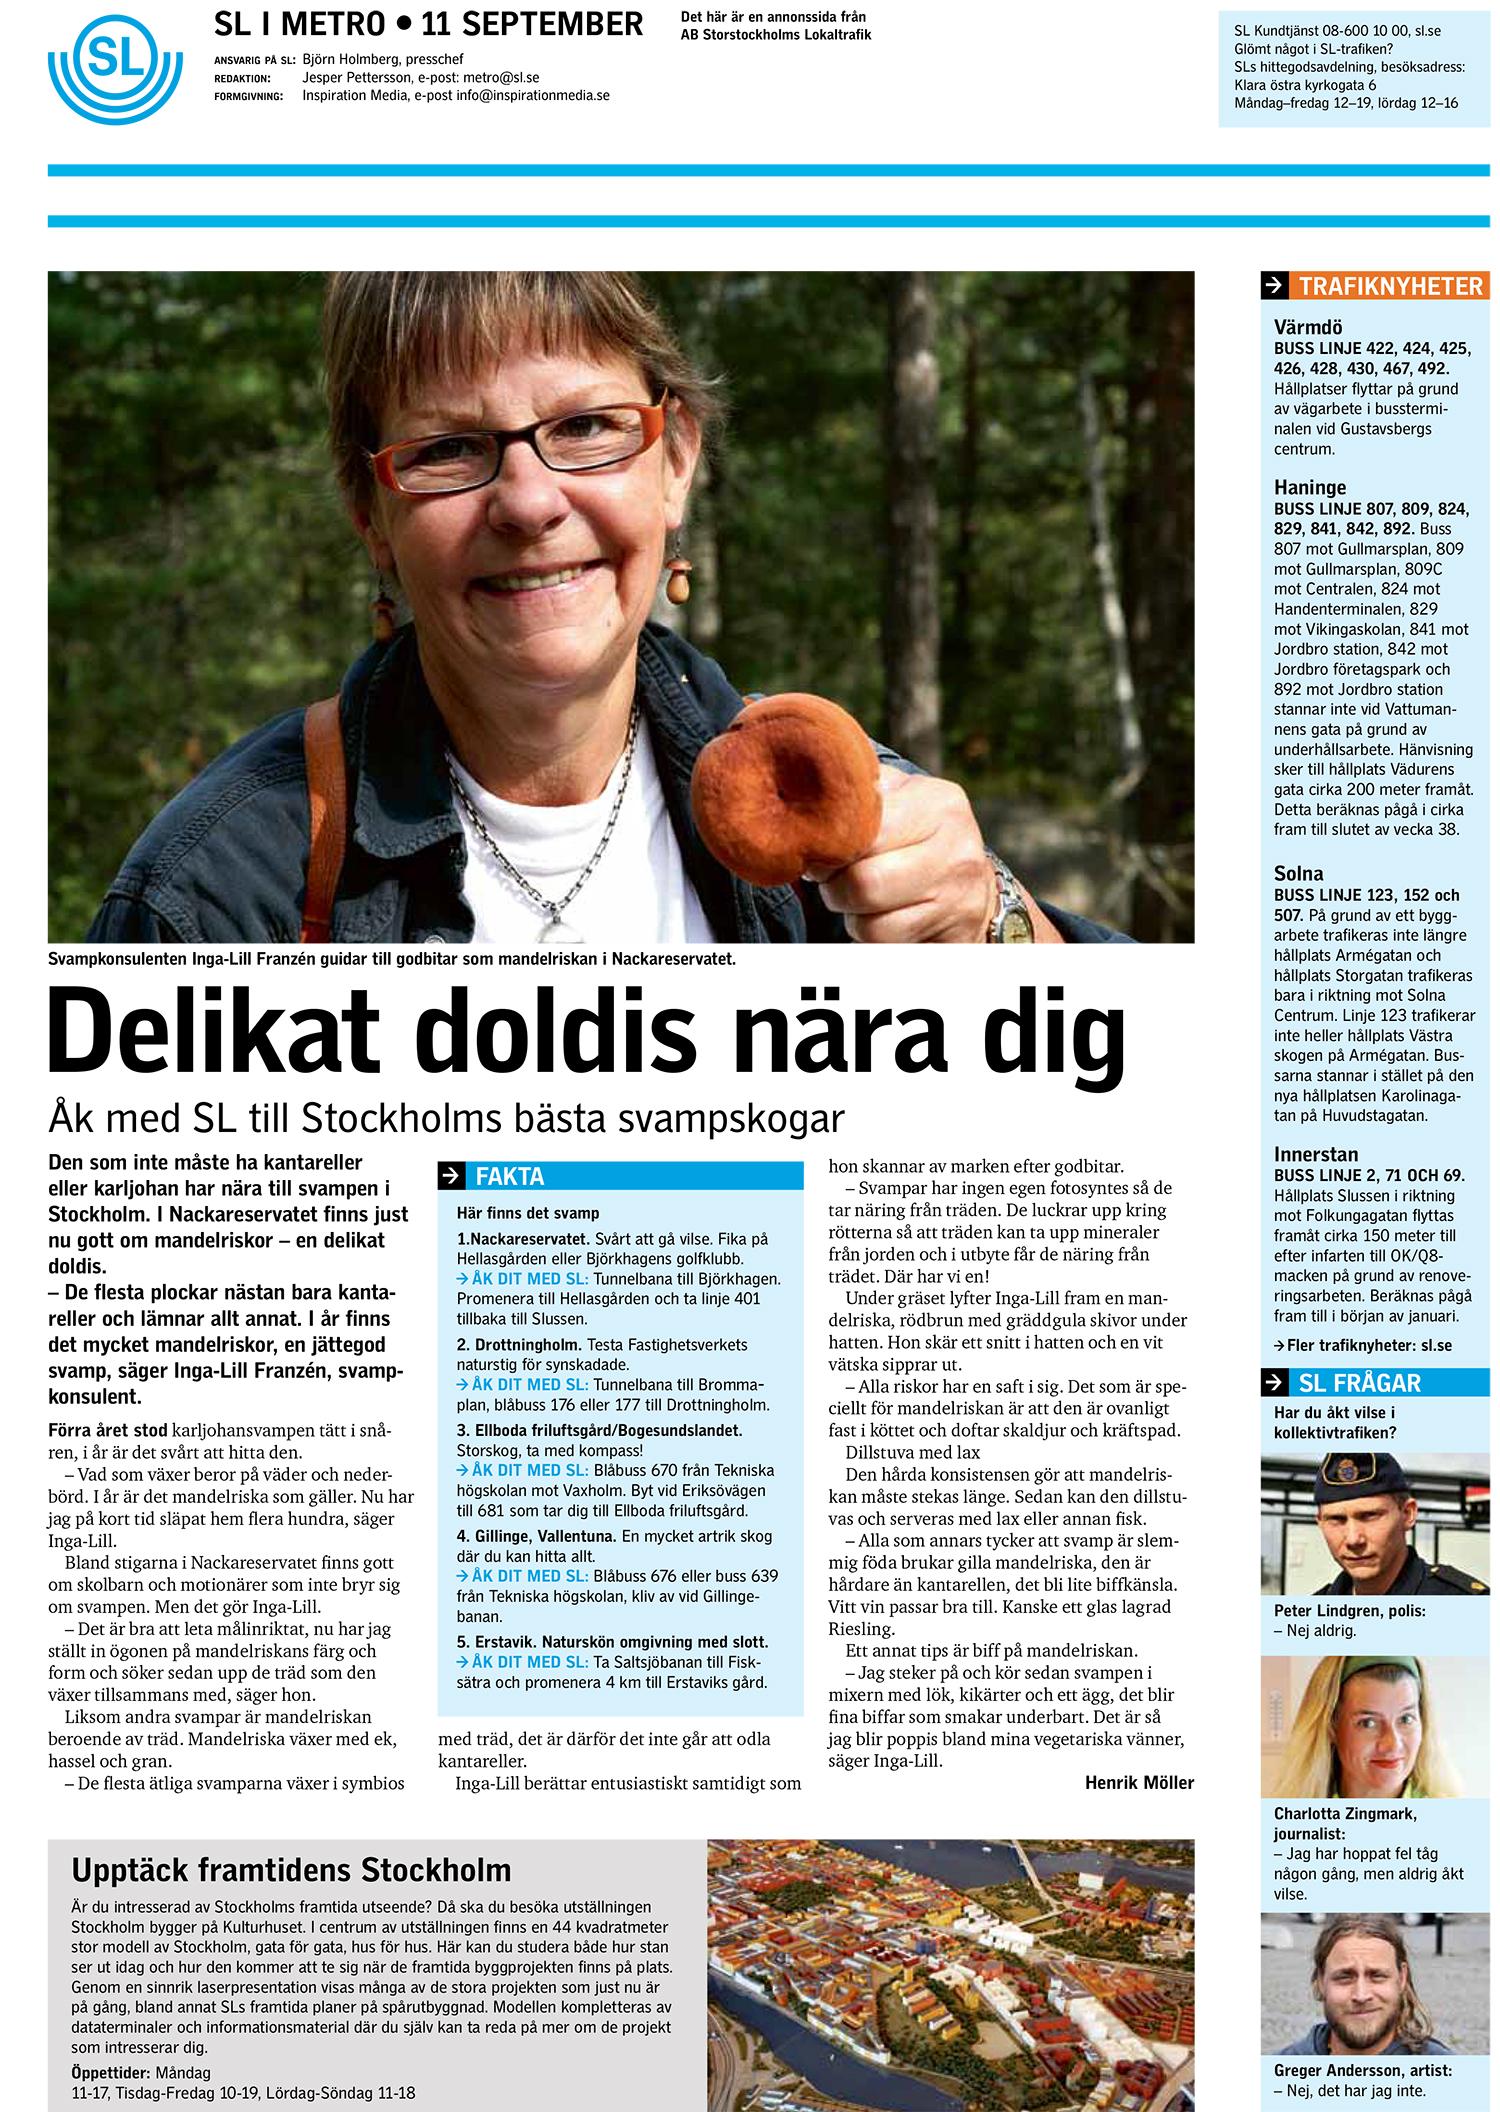 Tidningen Metro, SL:s sida. Text och bild.